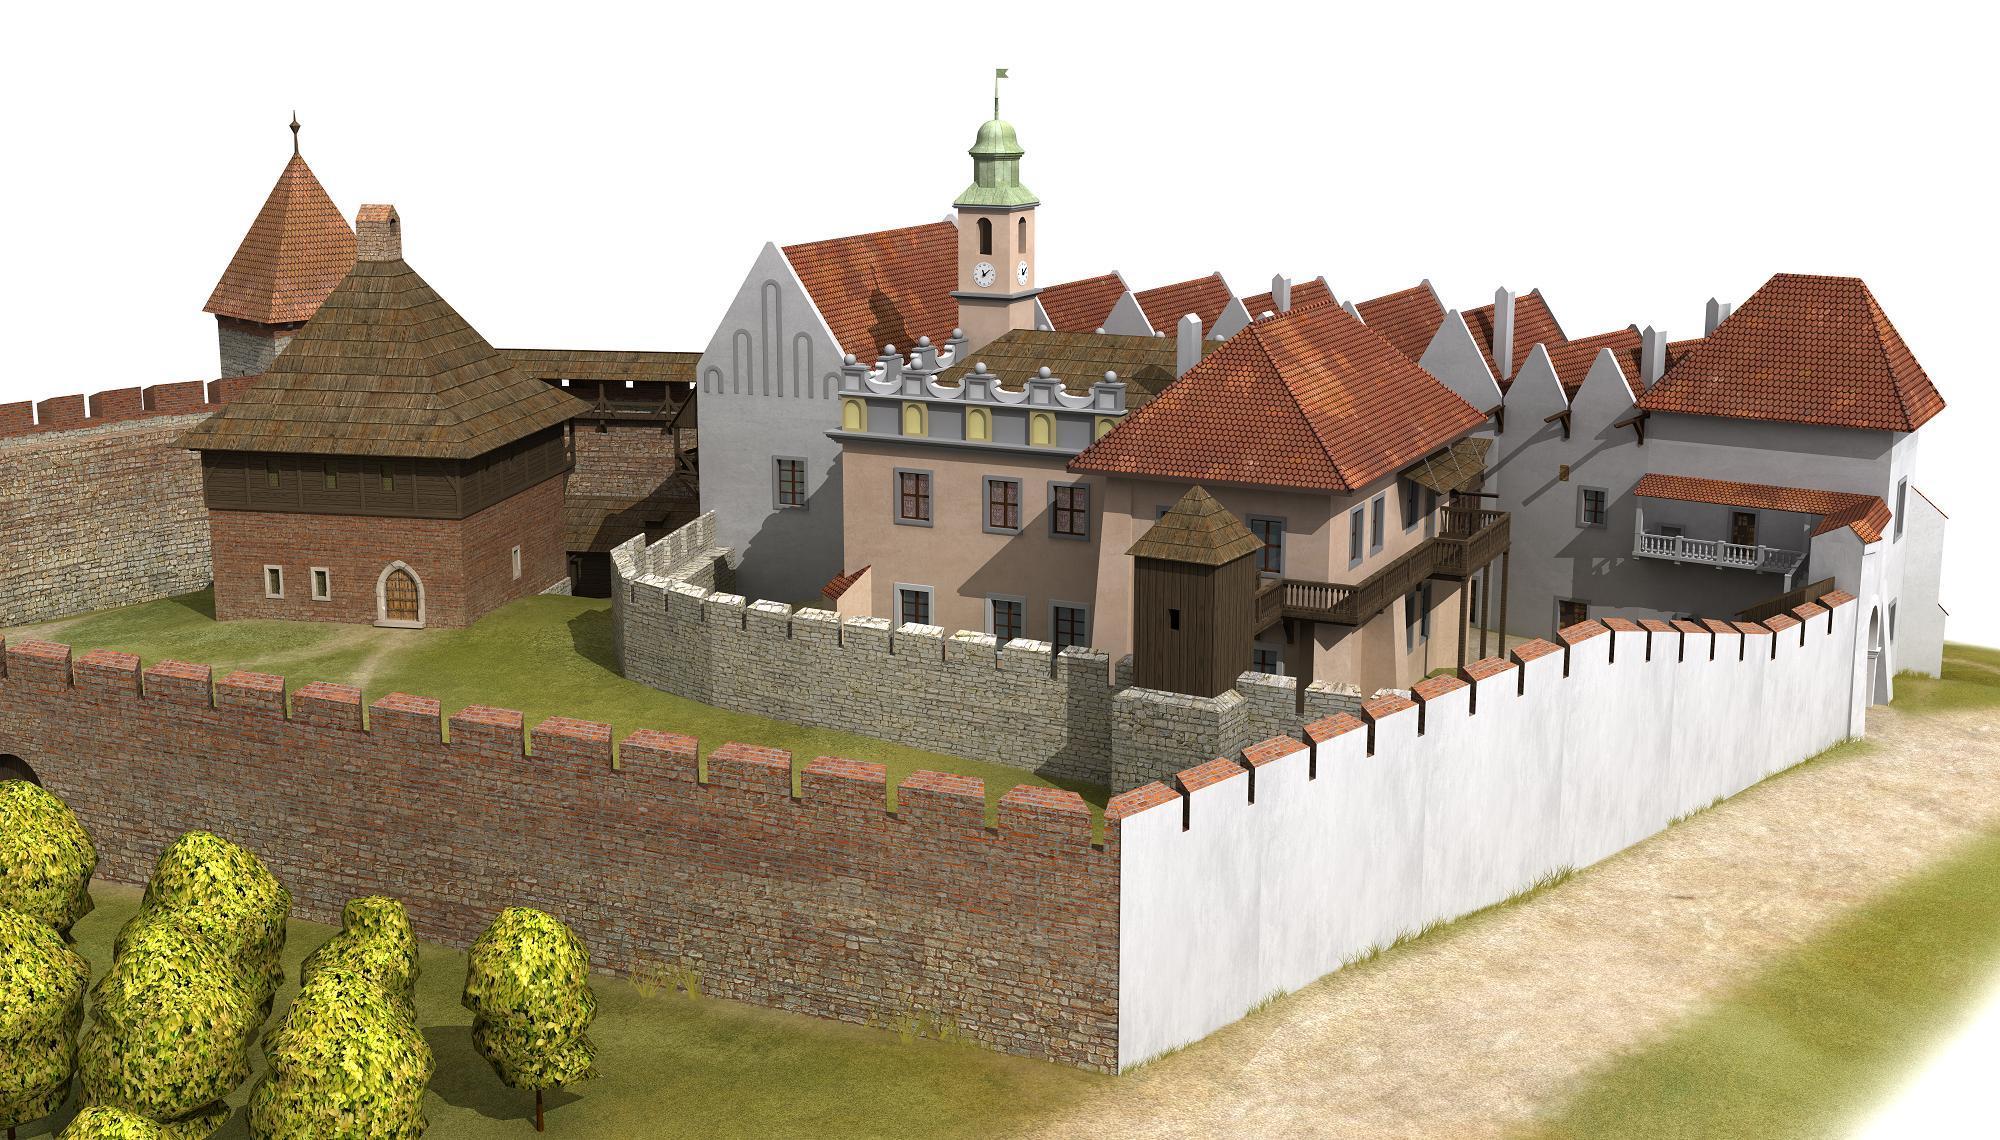 rekonstrukcja, Zamek  Żupny, I poł. XVII w. z nieistniejacą wieżą zegarową i kuchnią żupną